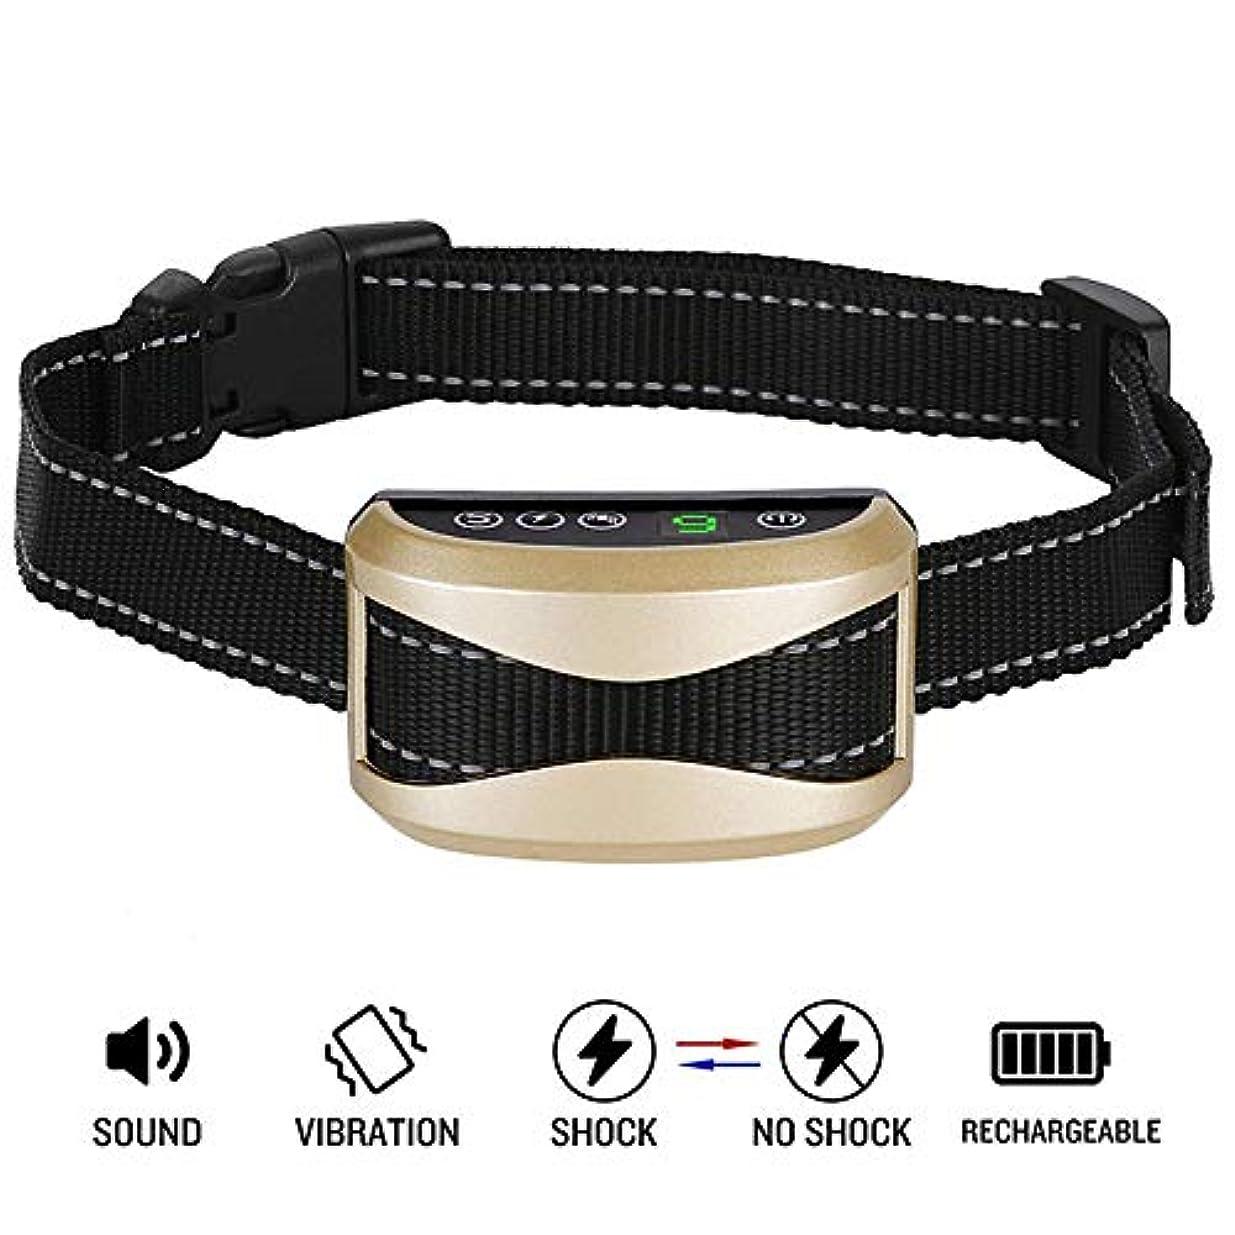 傾いた信頼性のある許さないKEYI 超音波の停止犬の首輪首輪犬吠えるコントロールデバイス犬のいびきデジタルディスプレイ (色 : 1)